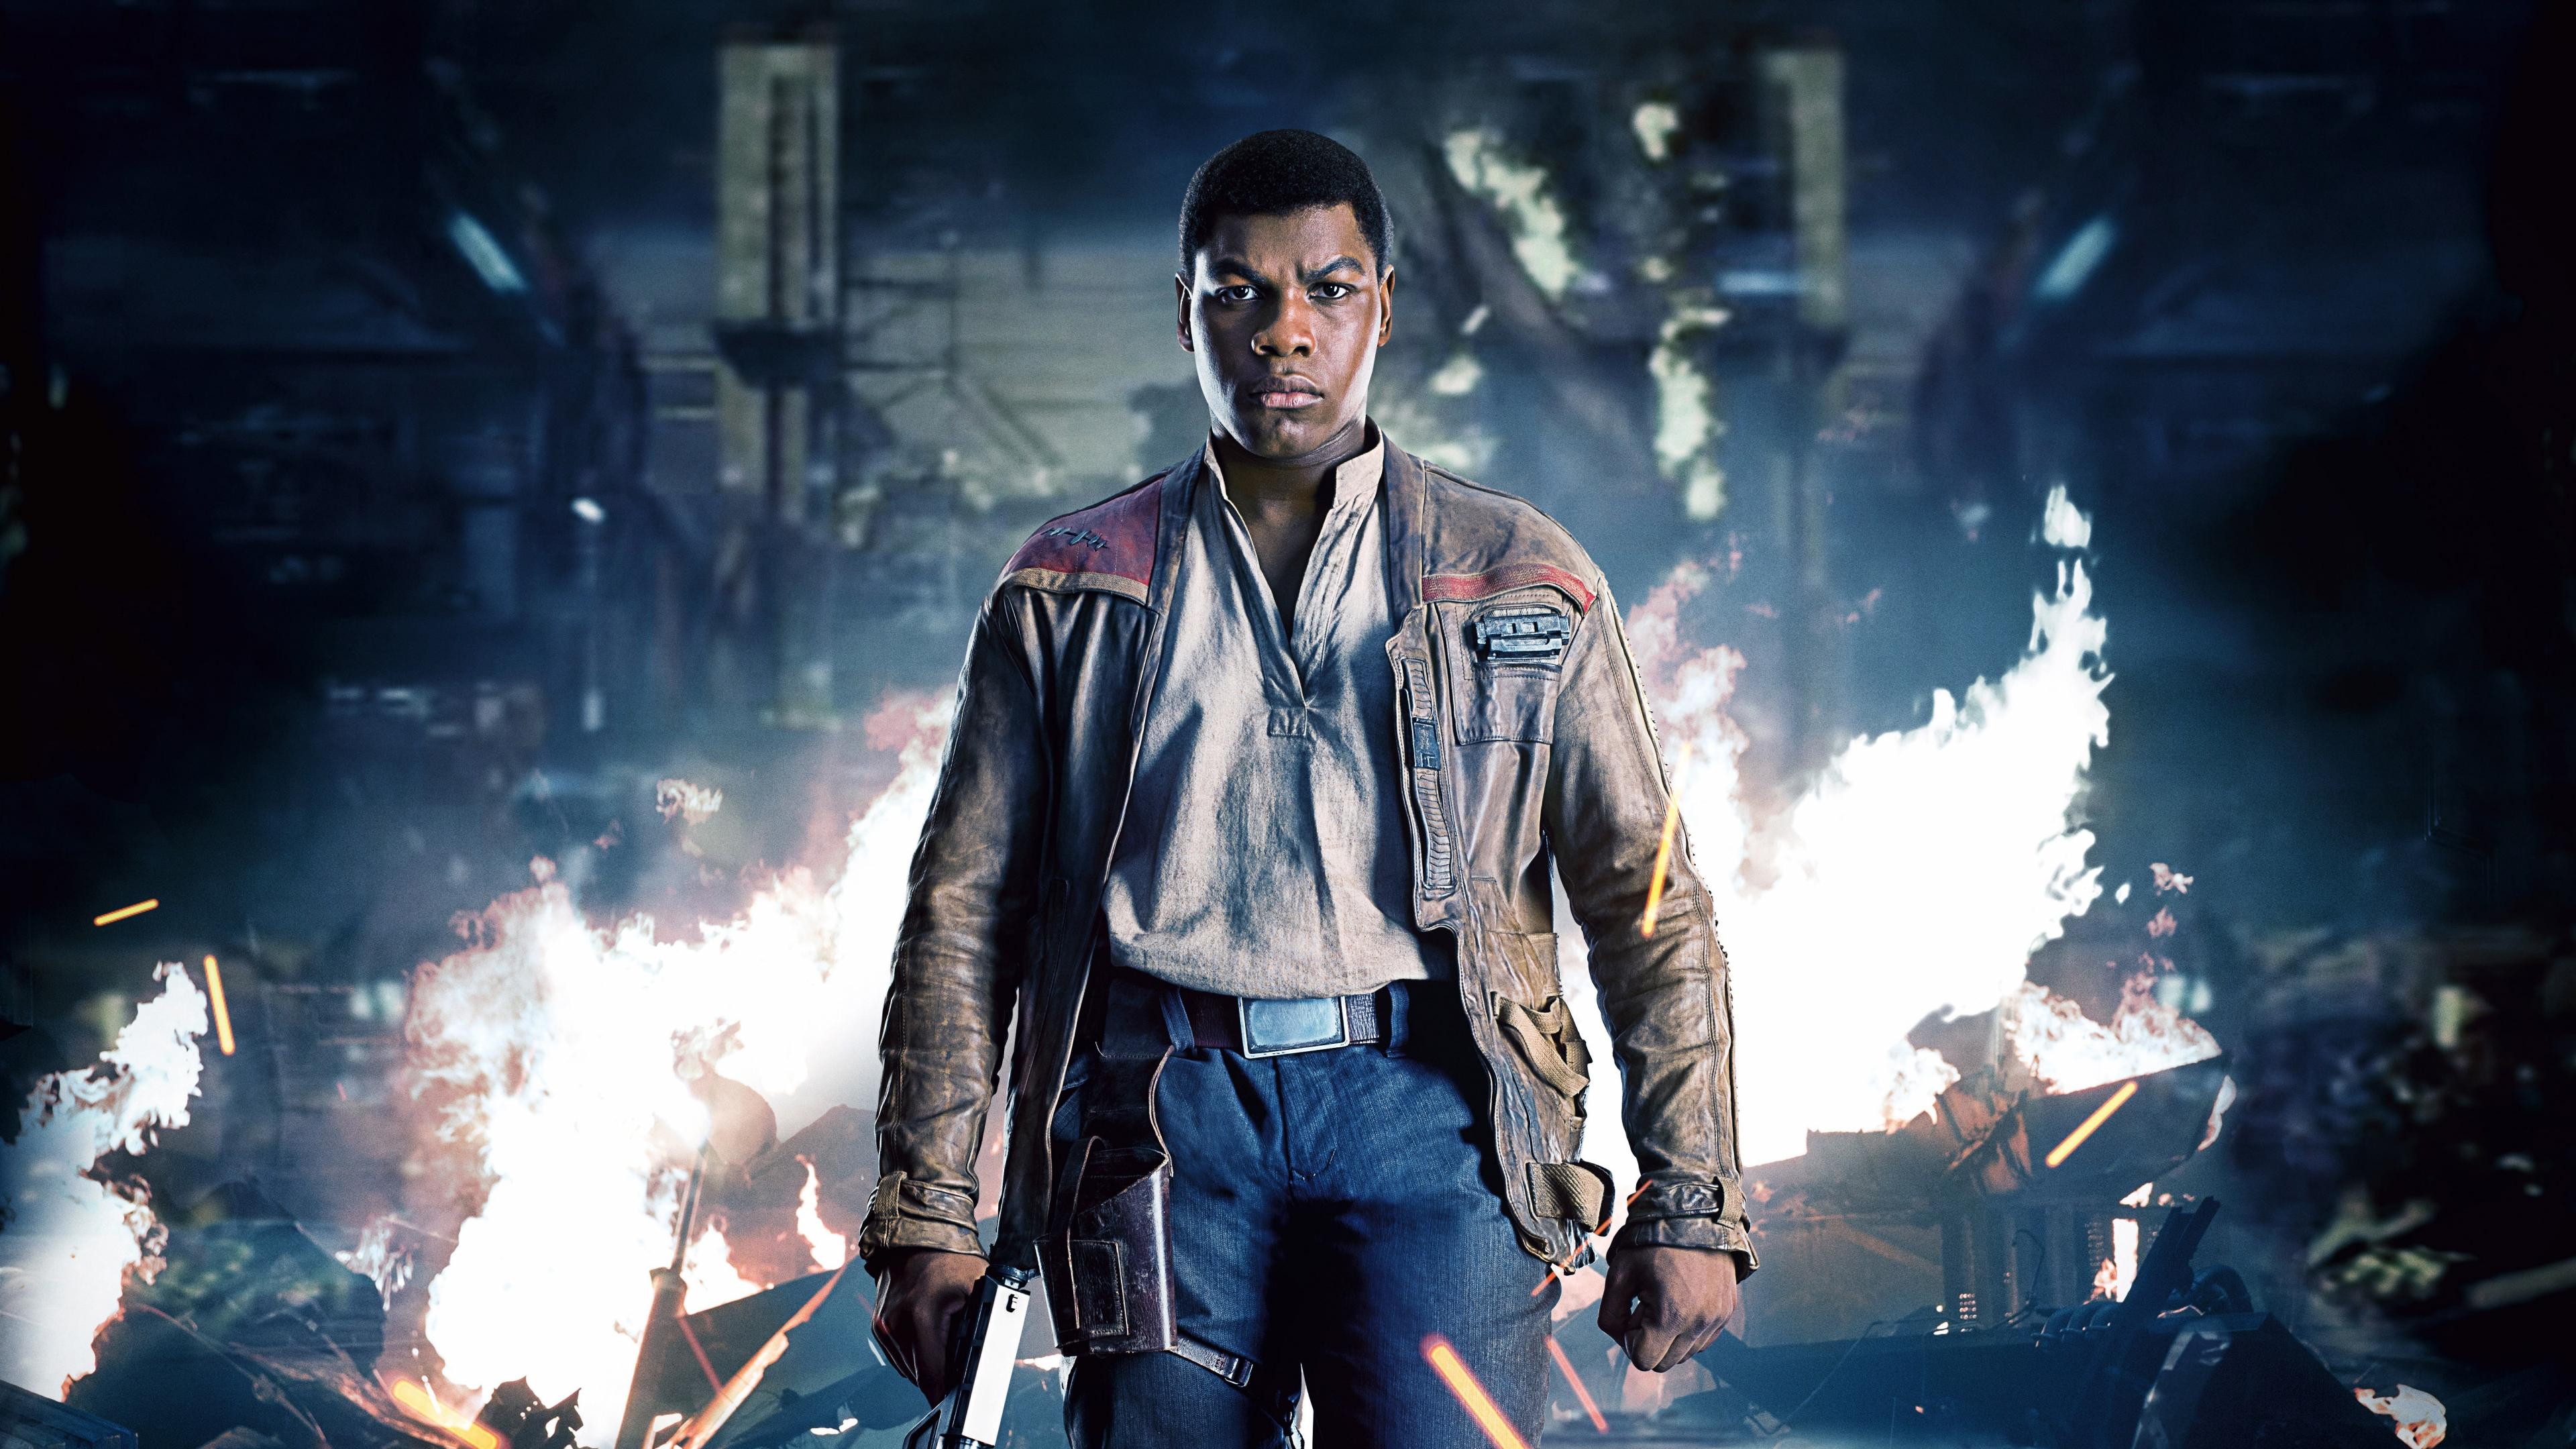 Download 3840x2160 Wallpaper Star Wars The Last Jedi John Boyega